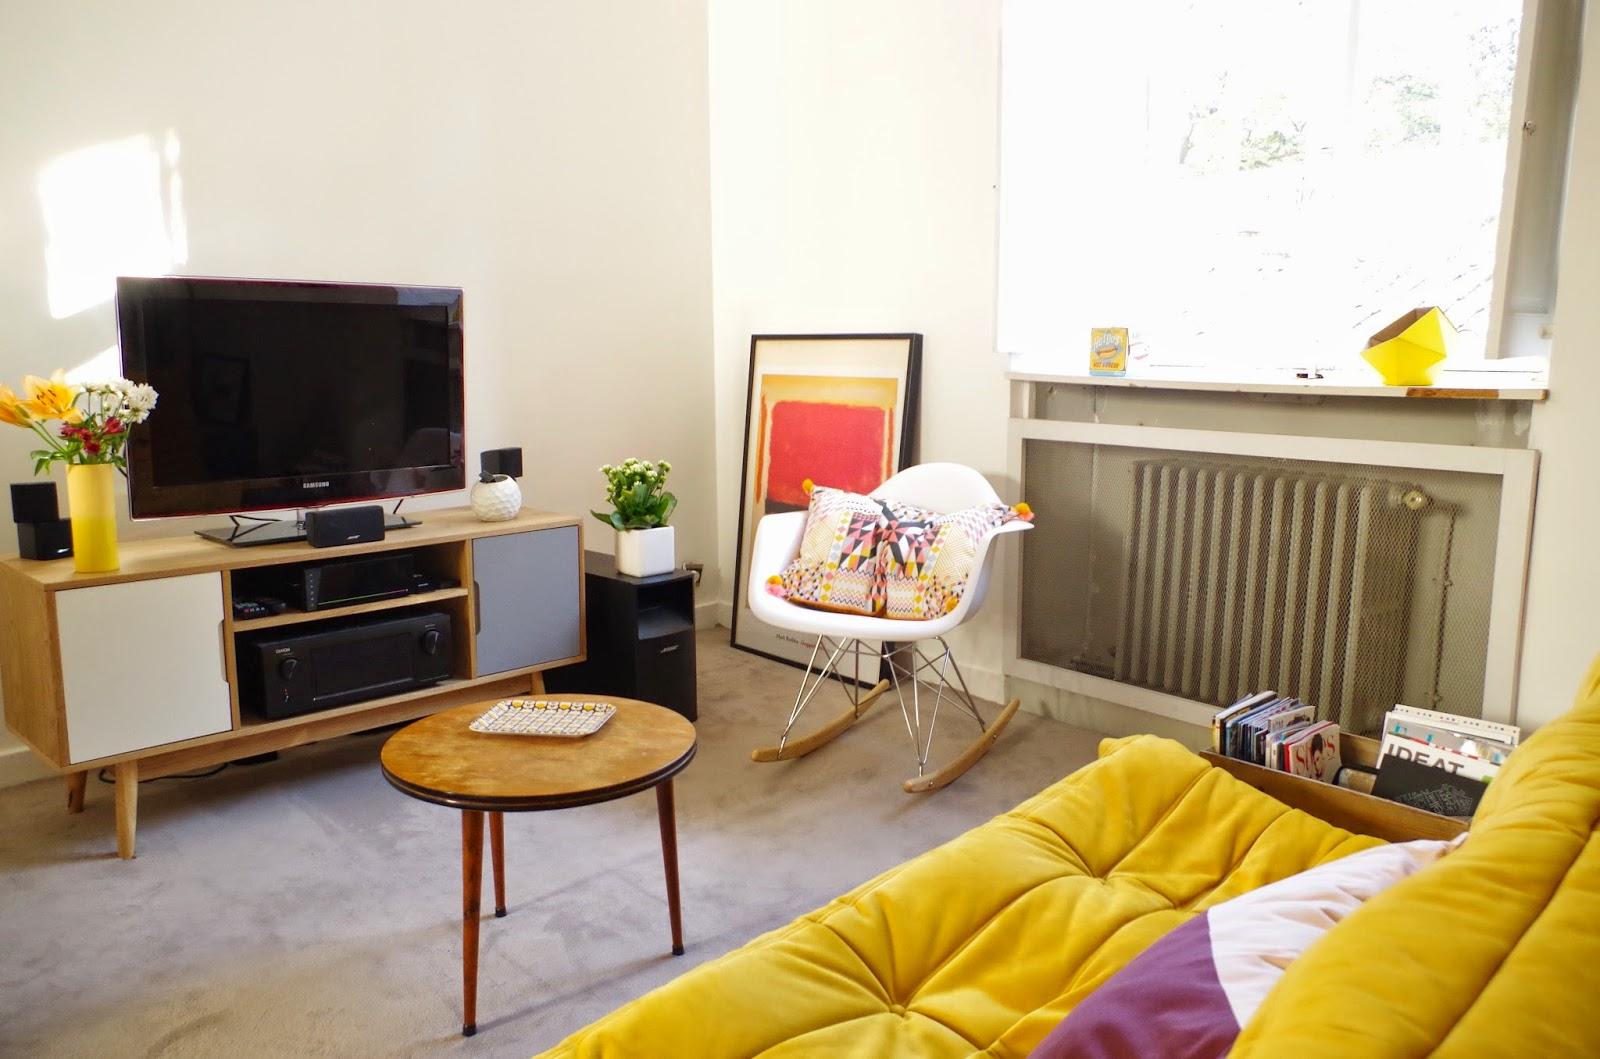 Maison du monde meuble tv images - Meuble tele maison du monde ...